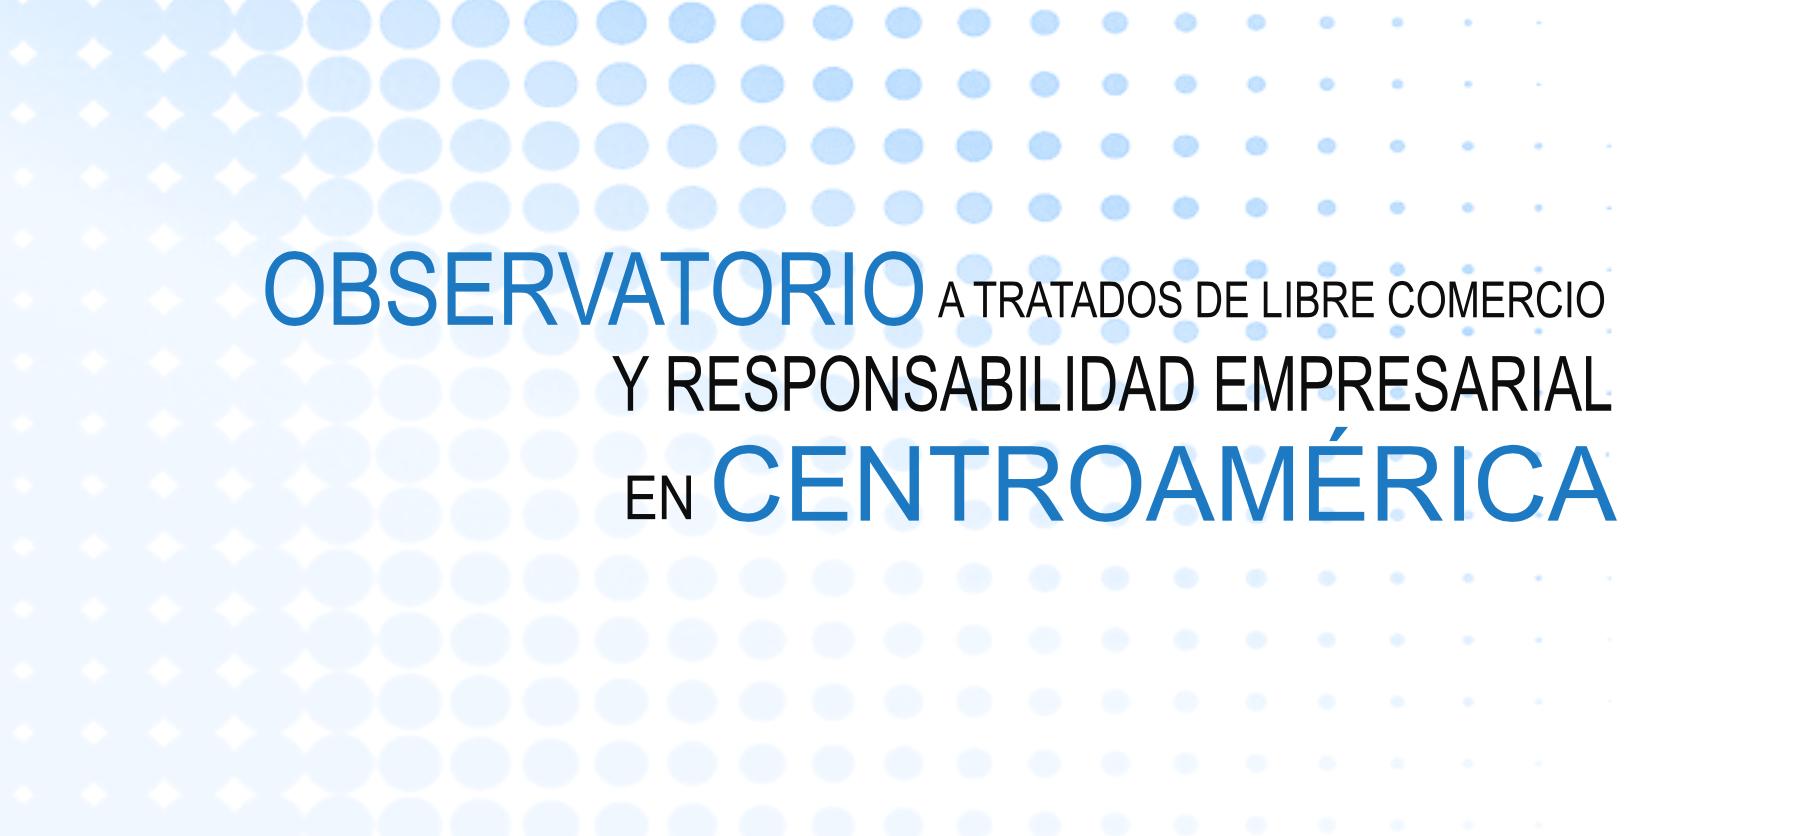 Observatorio a tratados de libre comercio y responsabilidad empresarial en Centroamérica